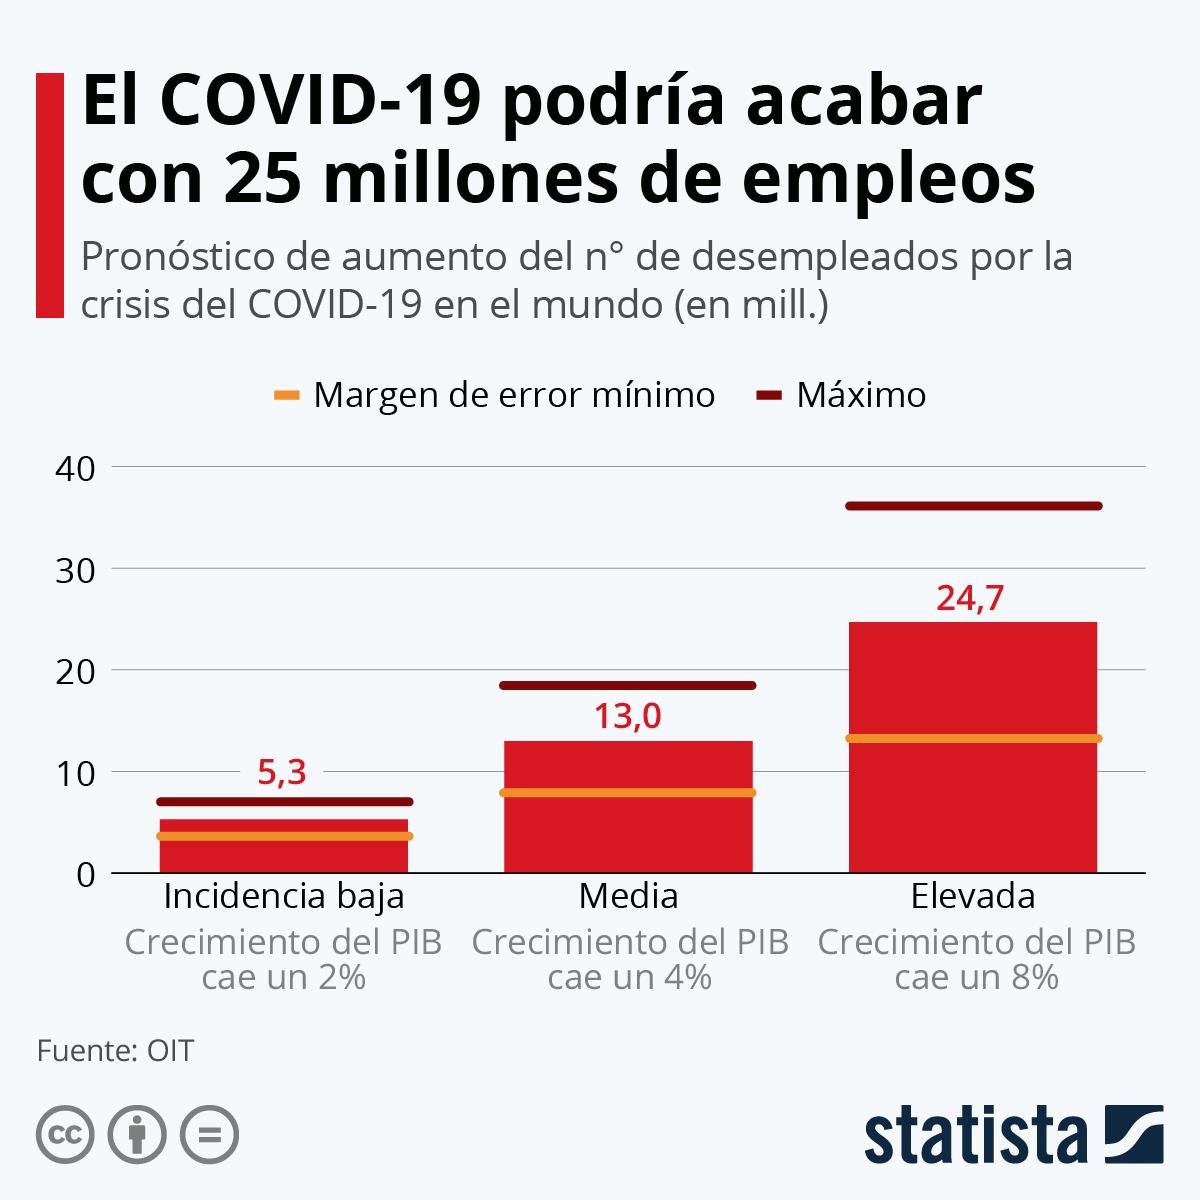 Infografía: ¿Cuántos empleos se perderán por el COVID-19? | Statista